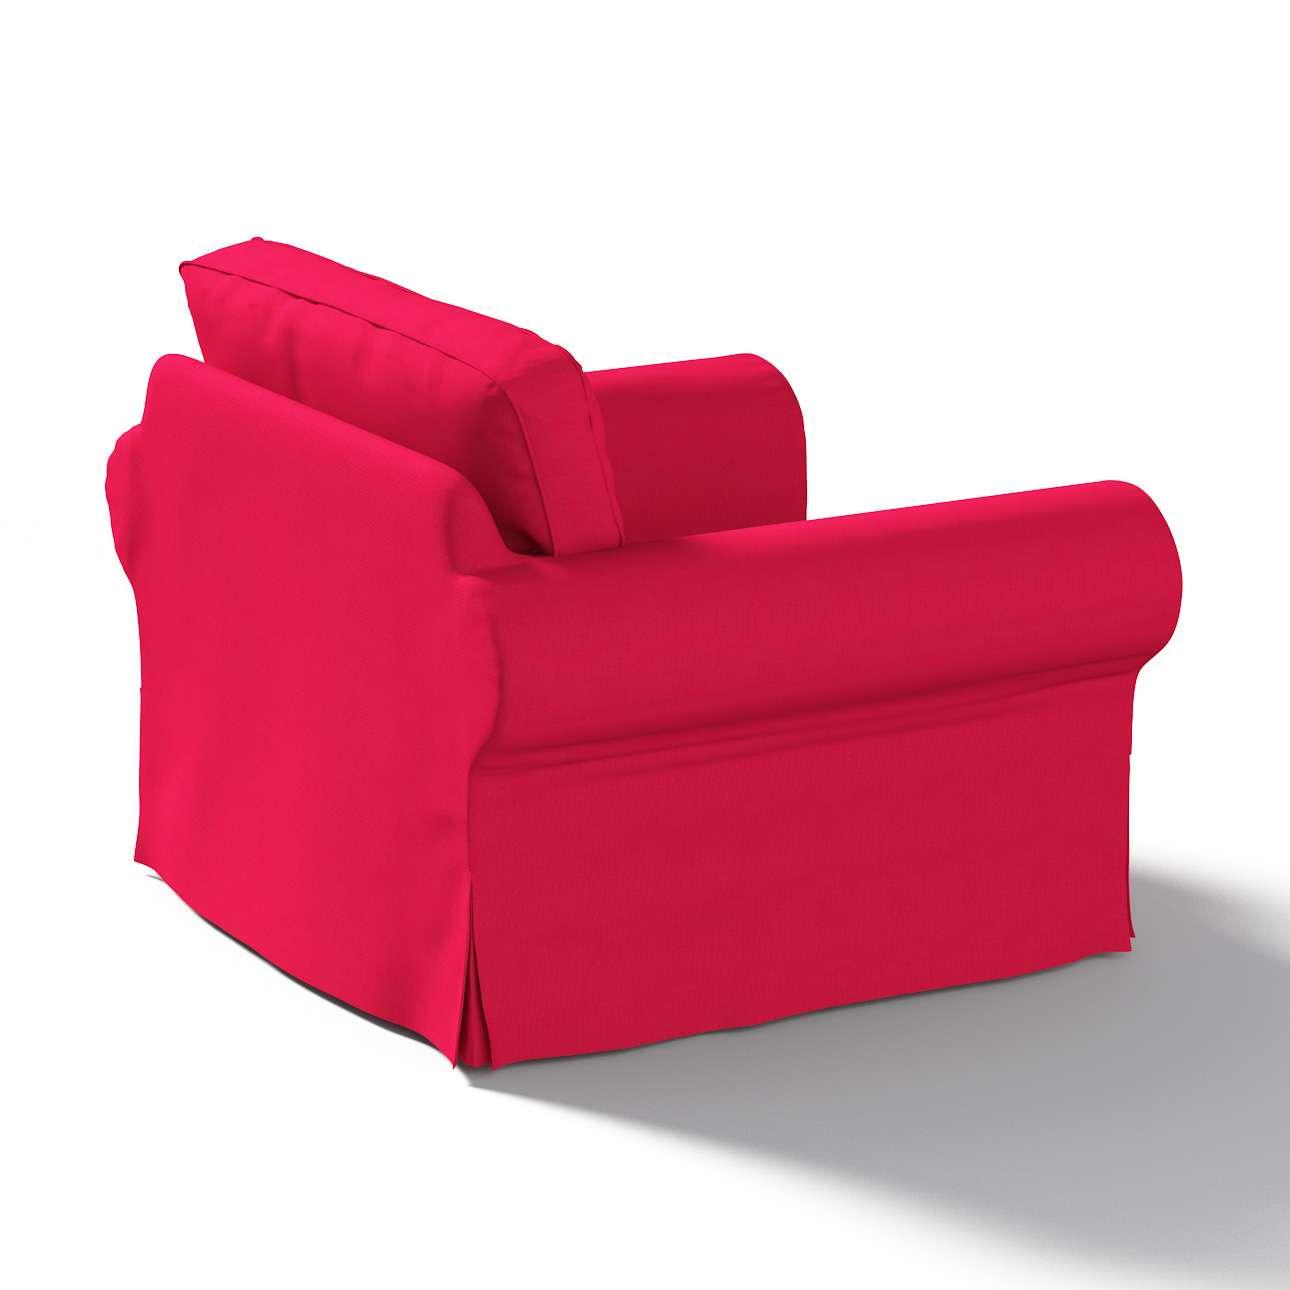 EKTORP fotelio užvalkalas Ektorp fotelio užvalkalas kolekcijoje Etna , audinys: 705-60